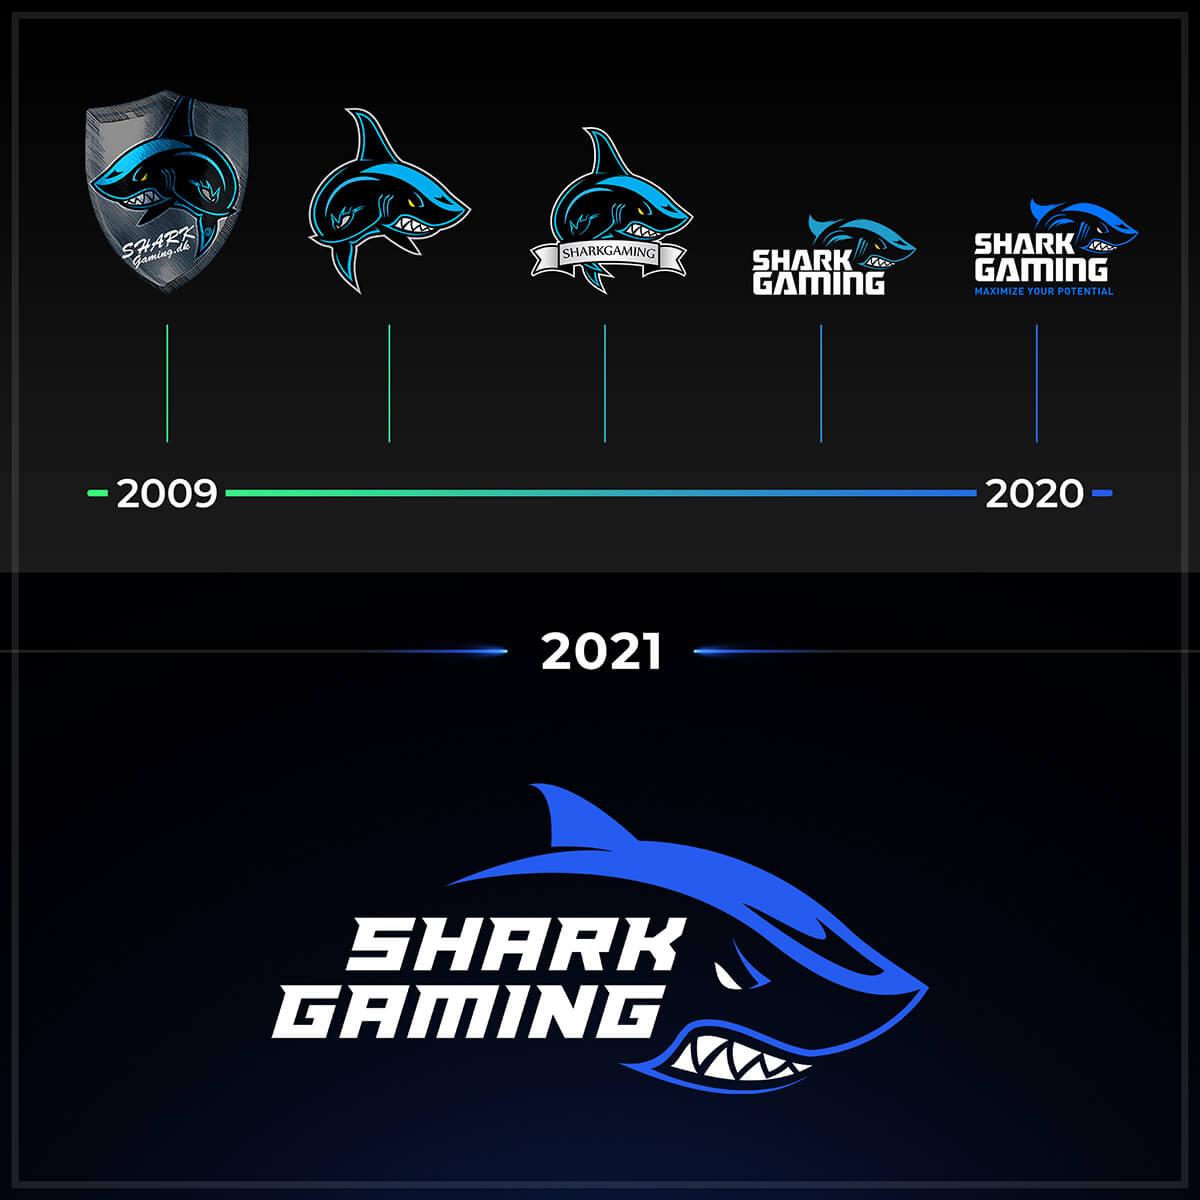 Shark Gaming Timeline 2009-2021